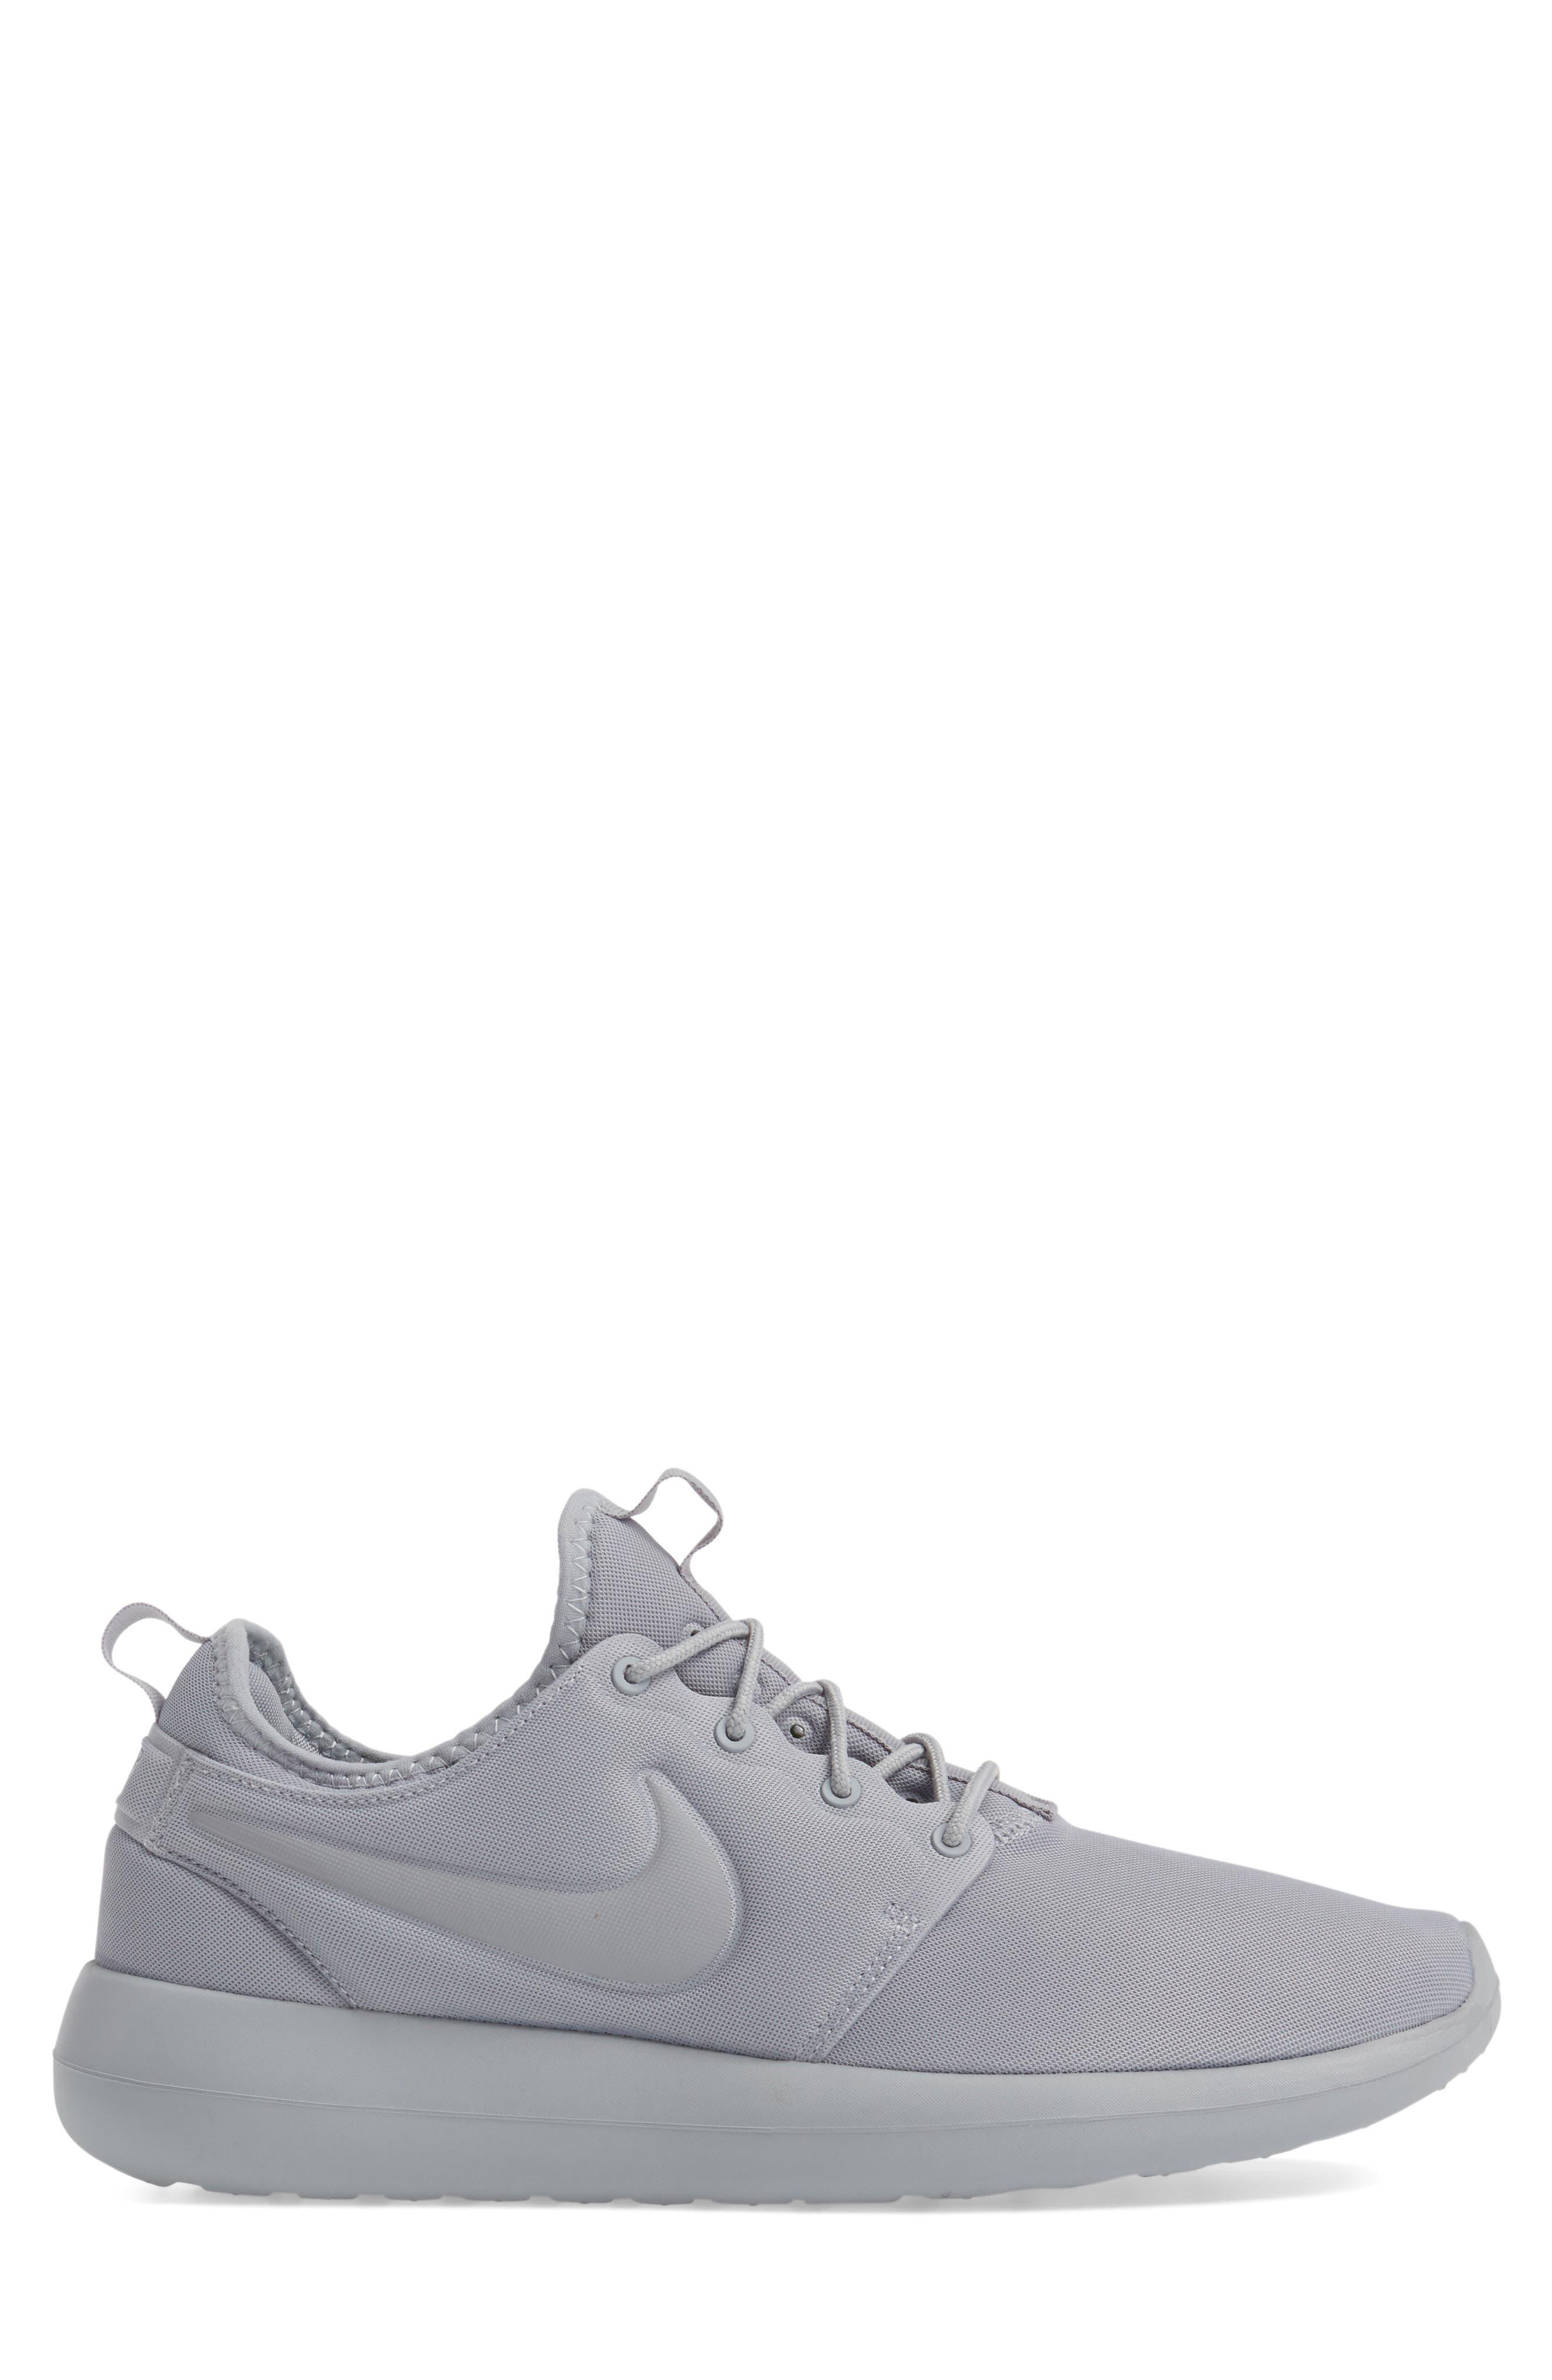 Roshe Two Sneaker,                             Alternate thumbnail 27, color,